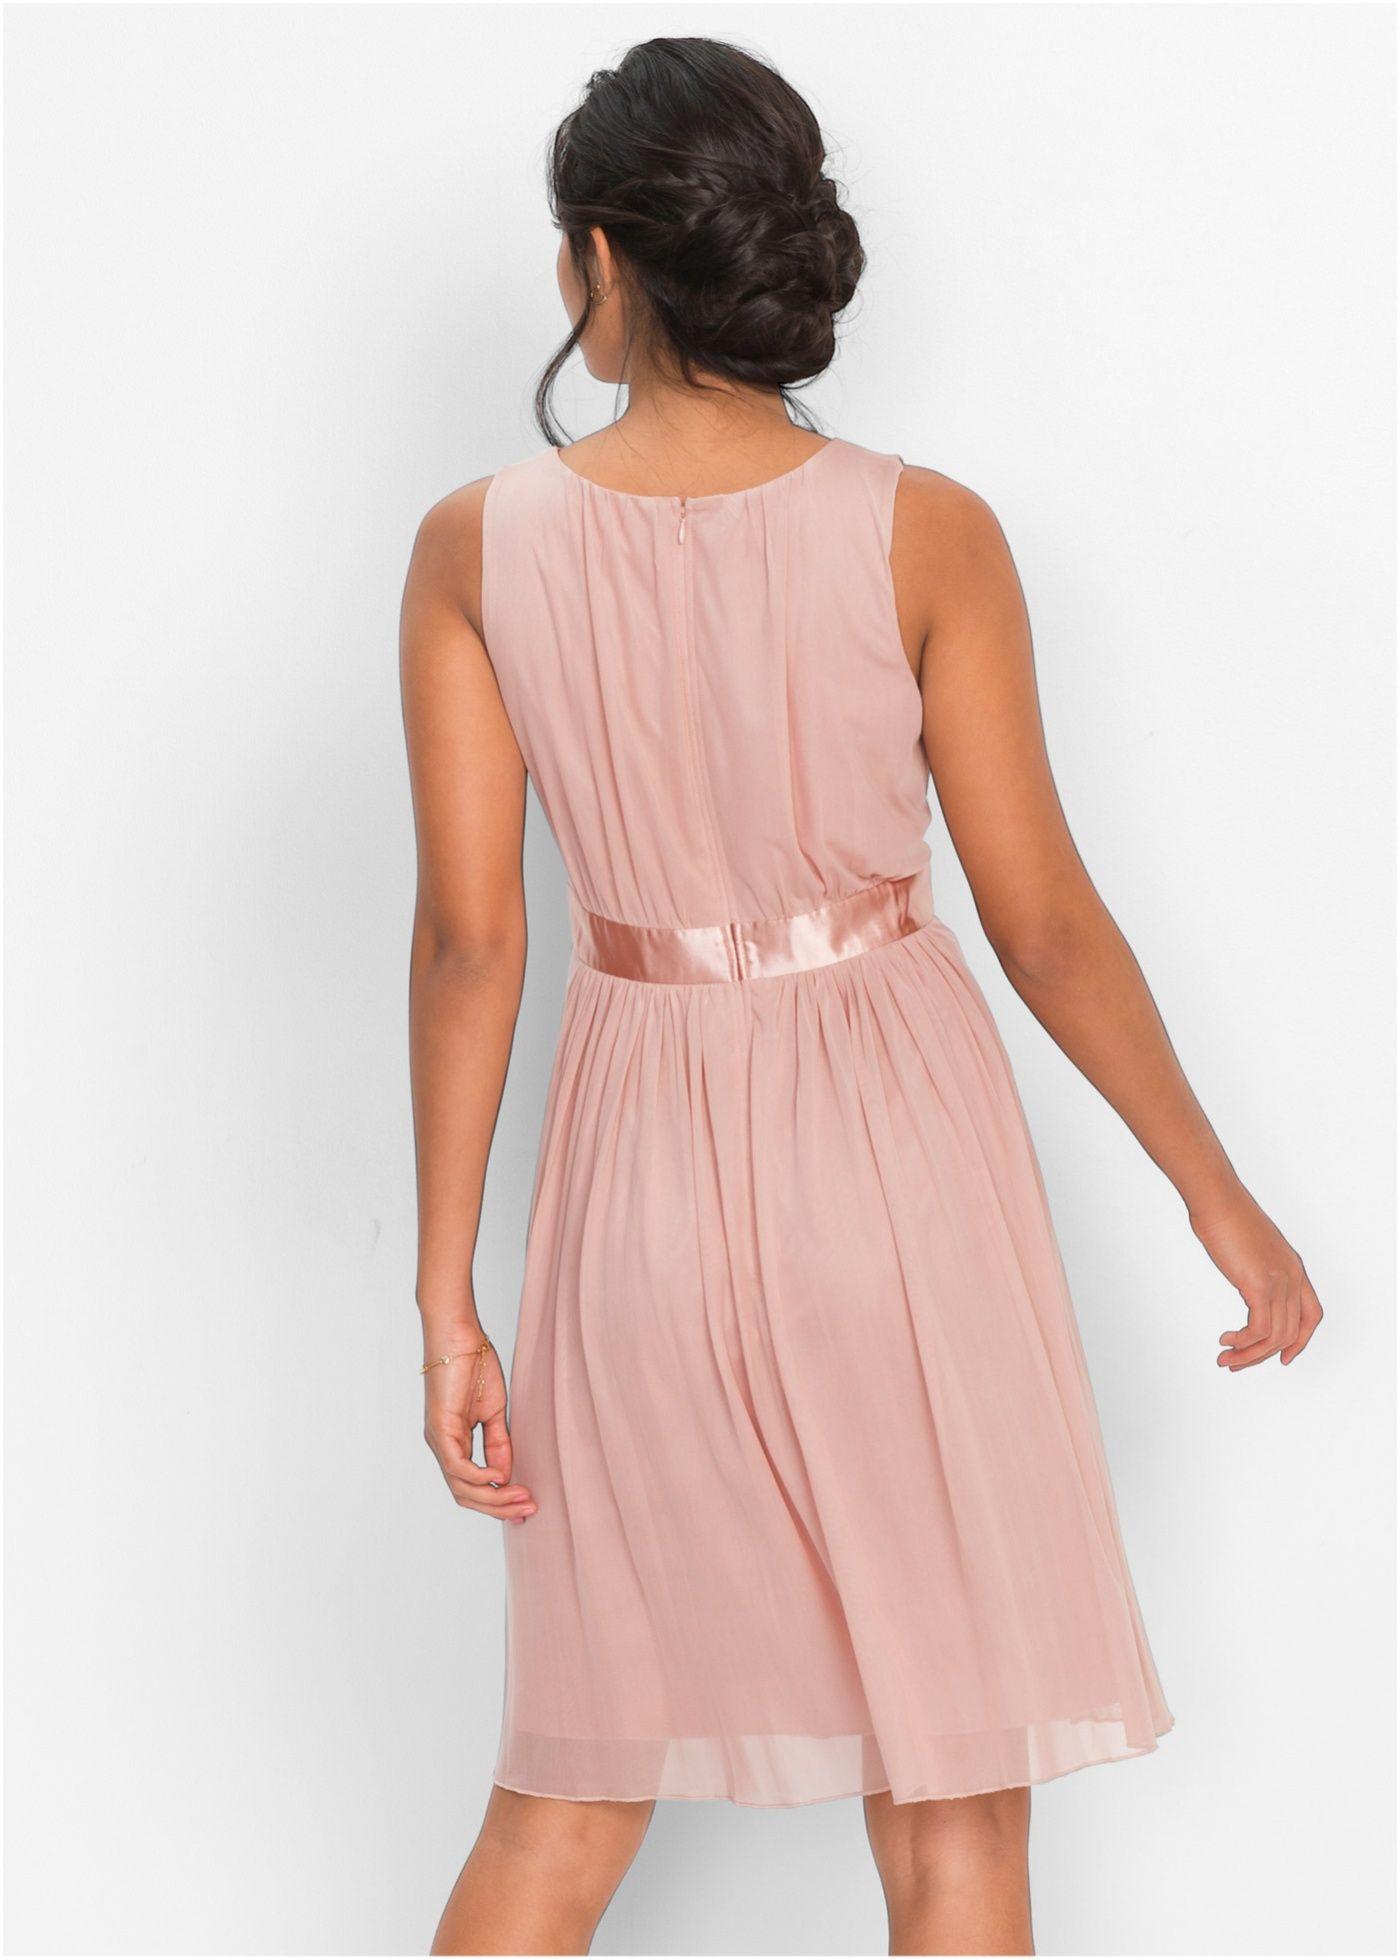 a4580d5d35 Commandez maintenant Robe rose vintage à partir de 29,99 ? sur bonprix.fr.  Robe romantique de la marque BODYFLIRT. Avec ruban en satin à la taille et .